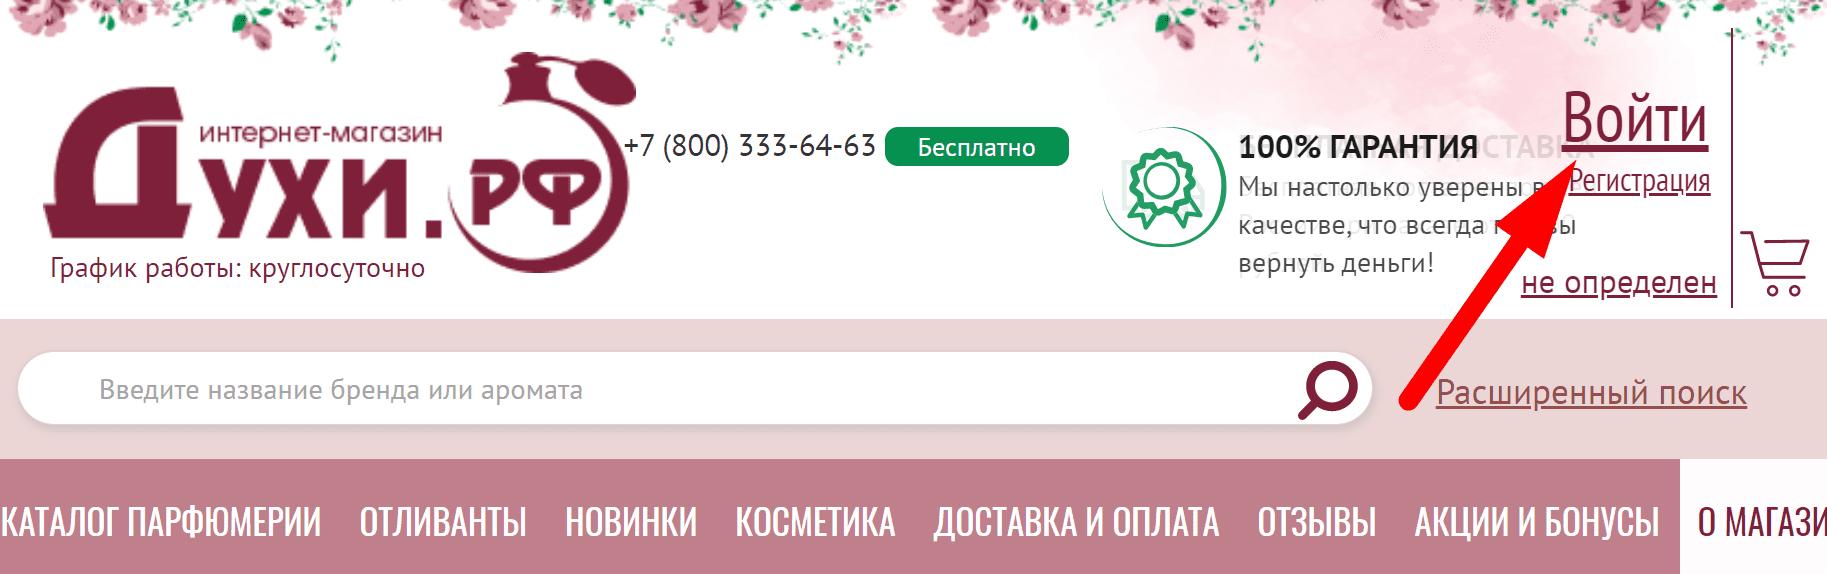 Ссылка на сайт интернет-магазина «Духи.рф»